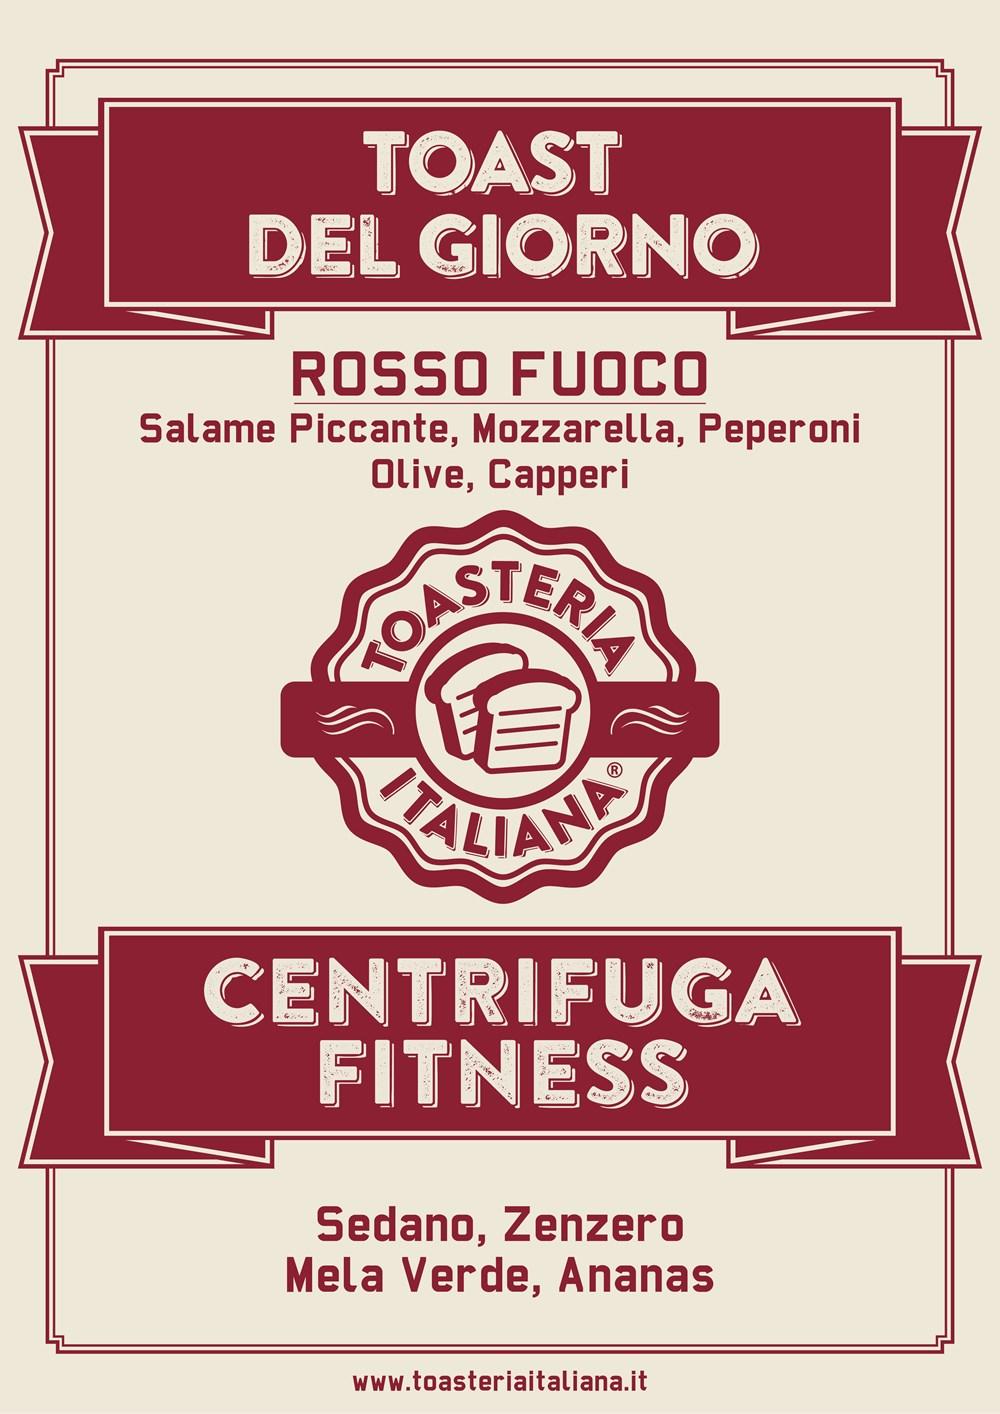 A3_TOAST_CENTRIFUGHE_GIORNO_ROSSO_FUOCO+FITNESS-01